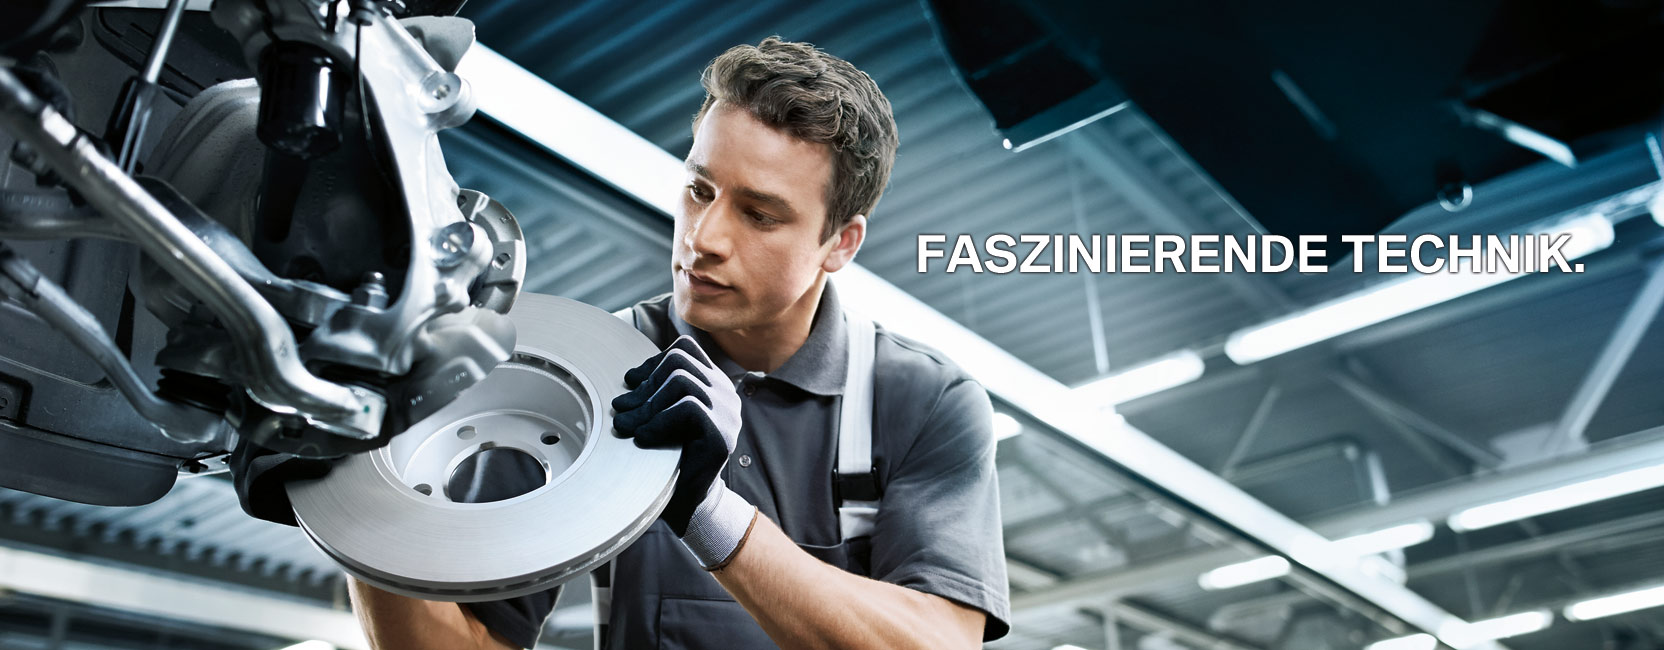 Mechatroniker bei BMW